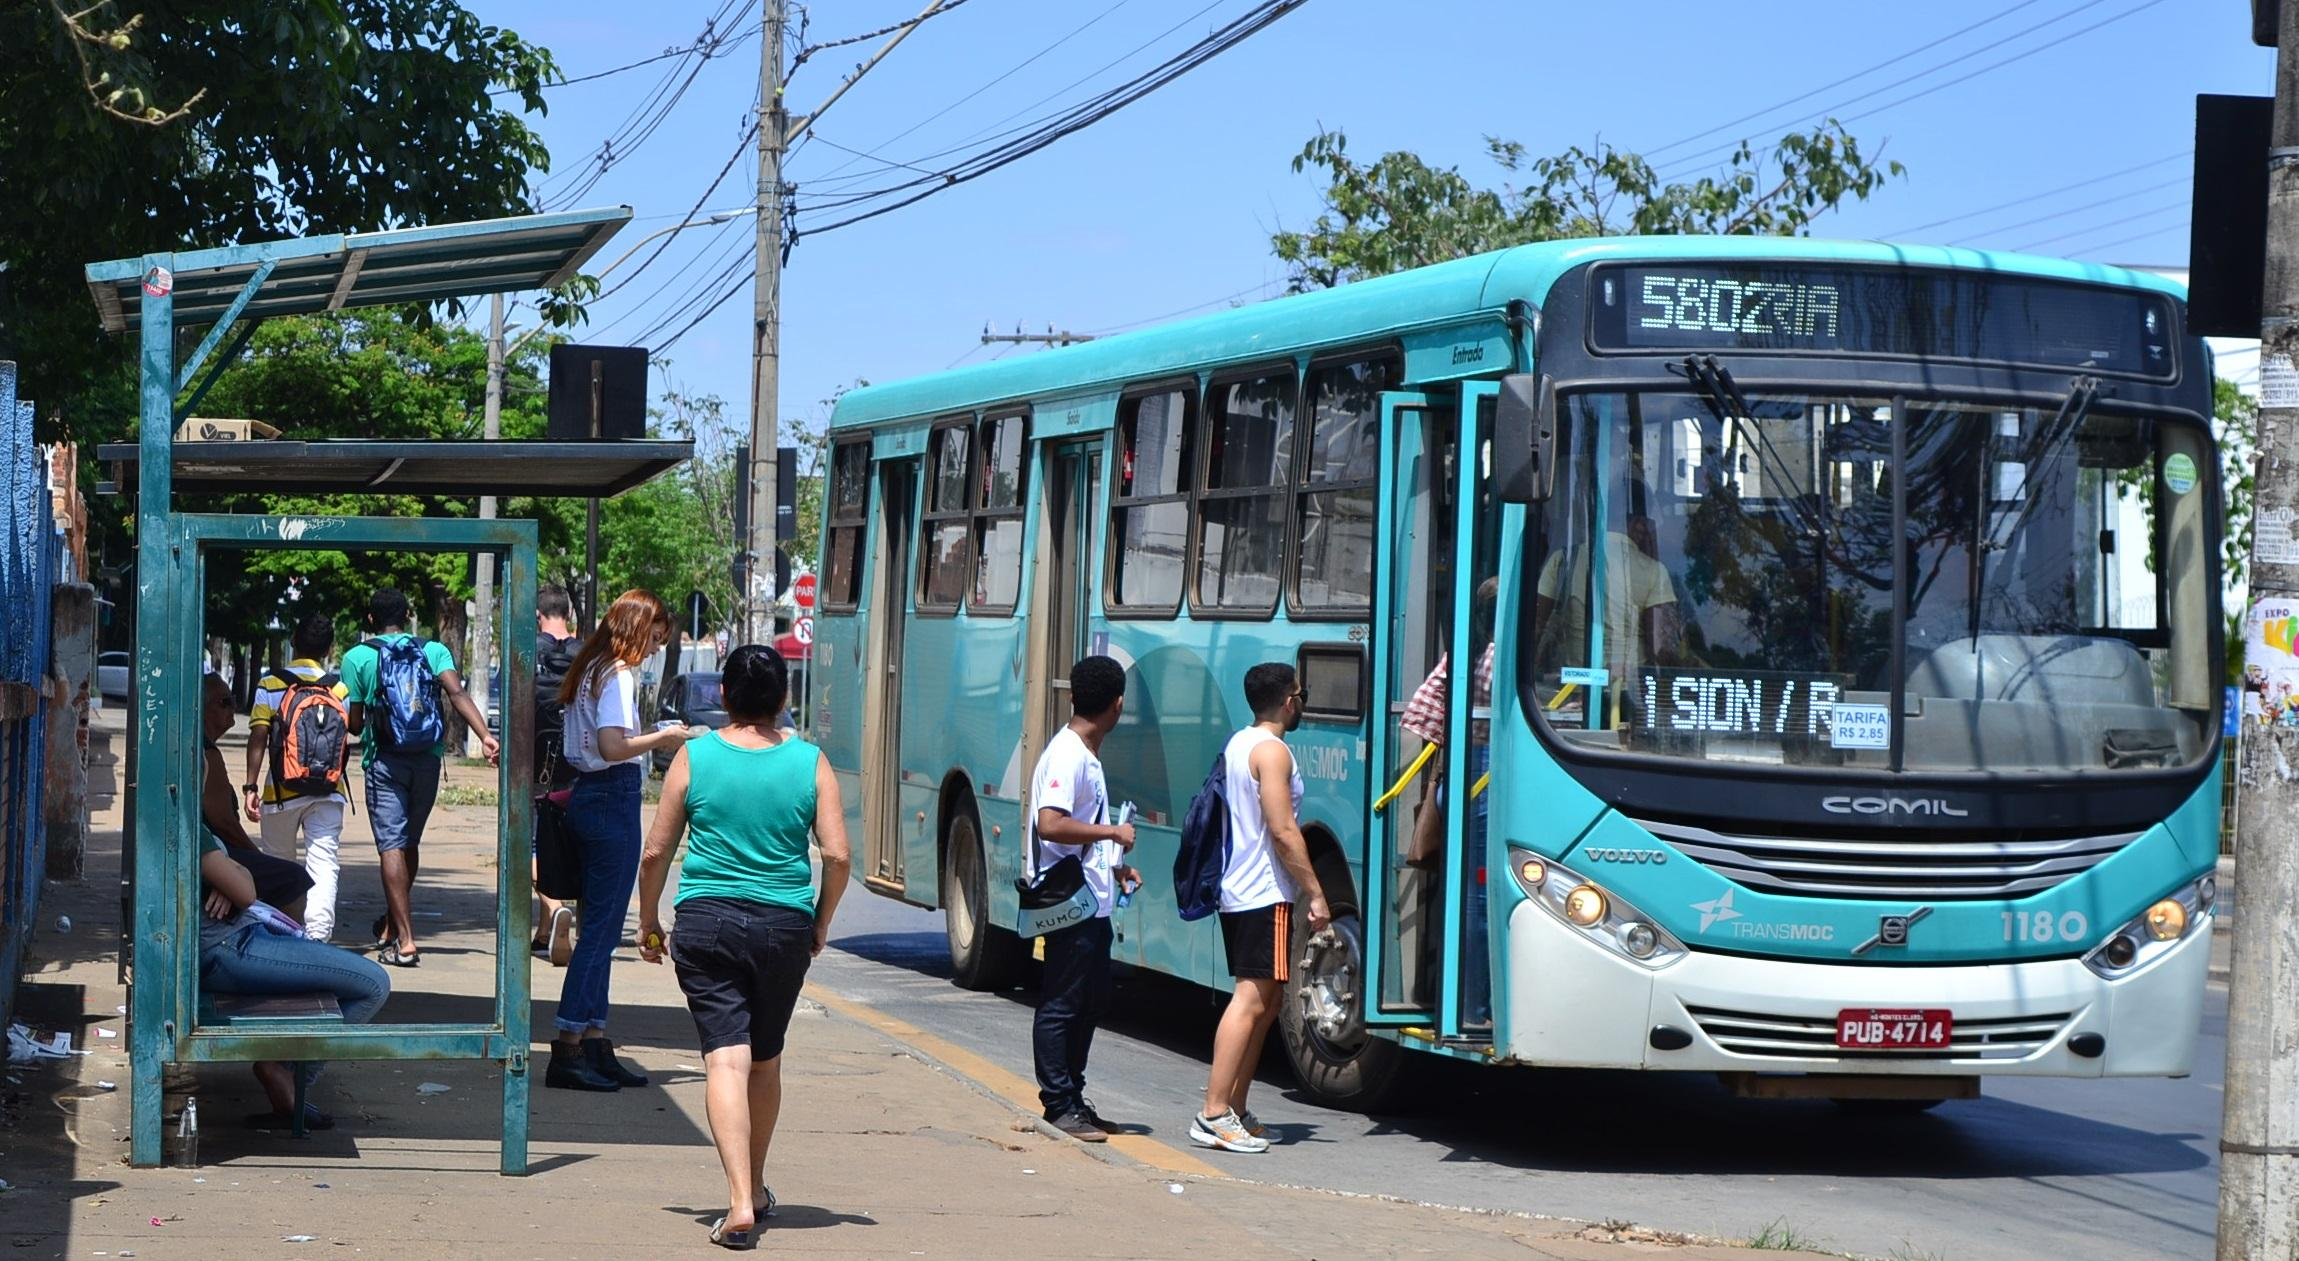 Imagem de destaque Prefeitura realiza licitação do transporte coletivo urbano